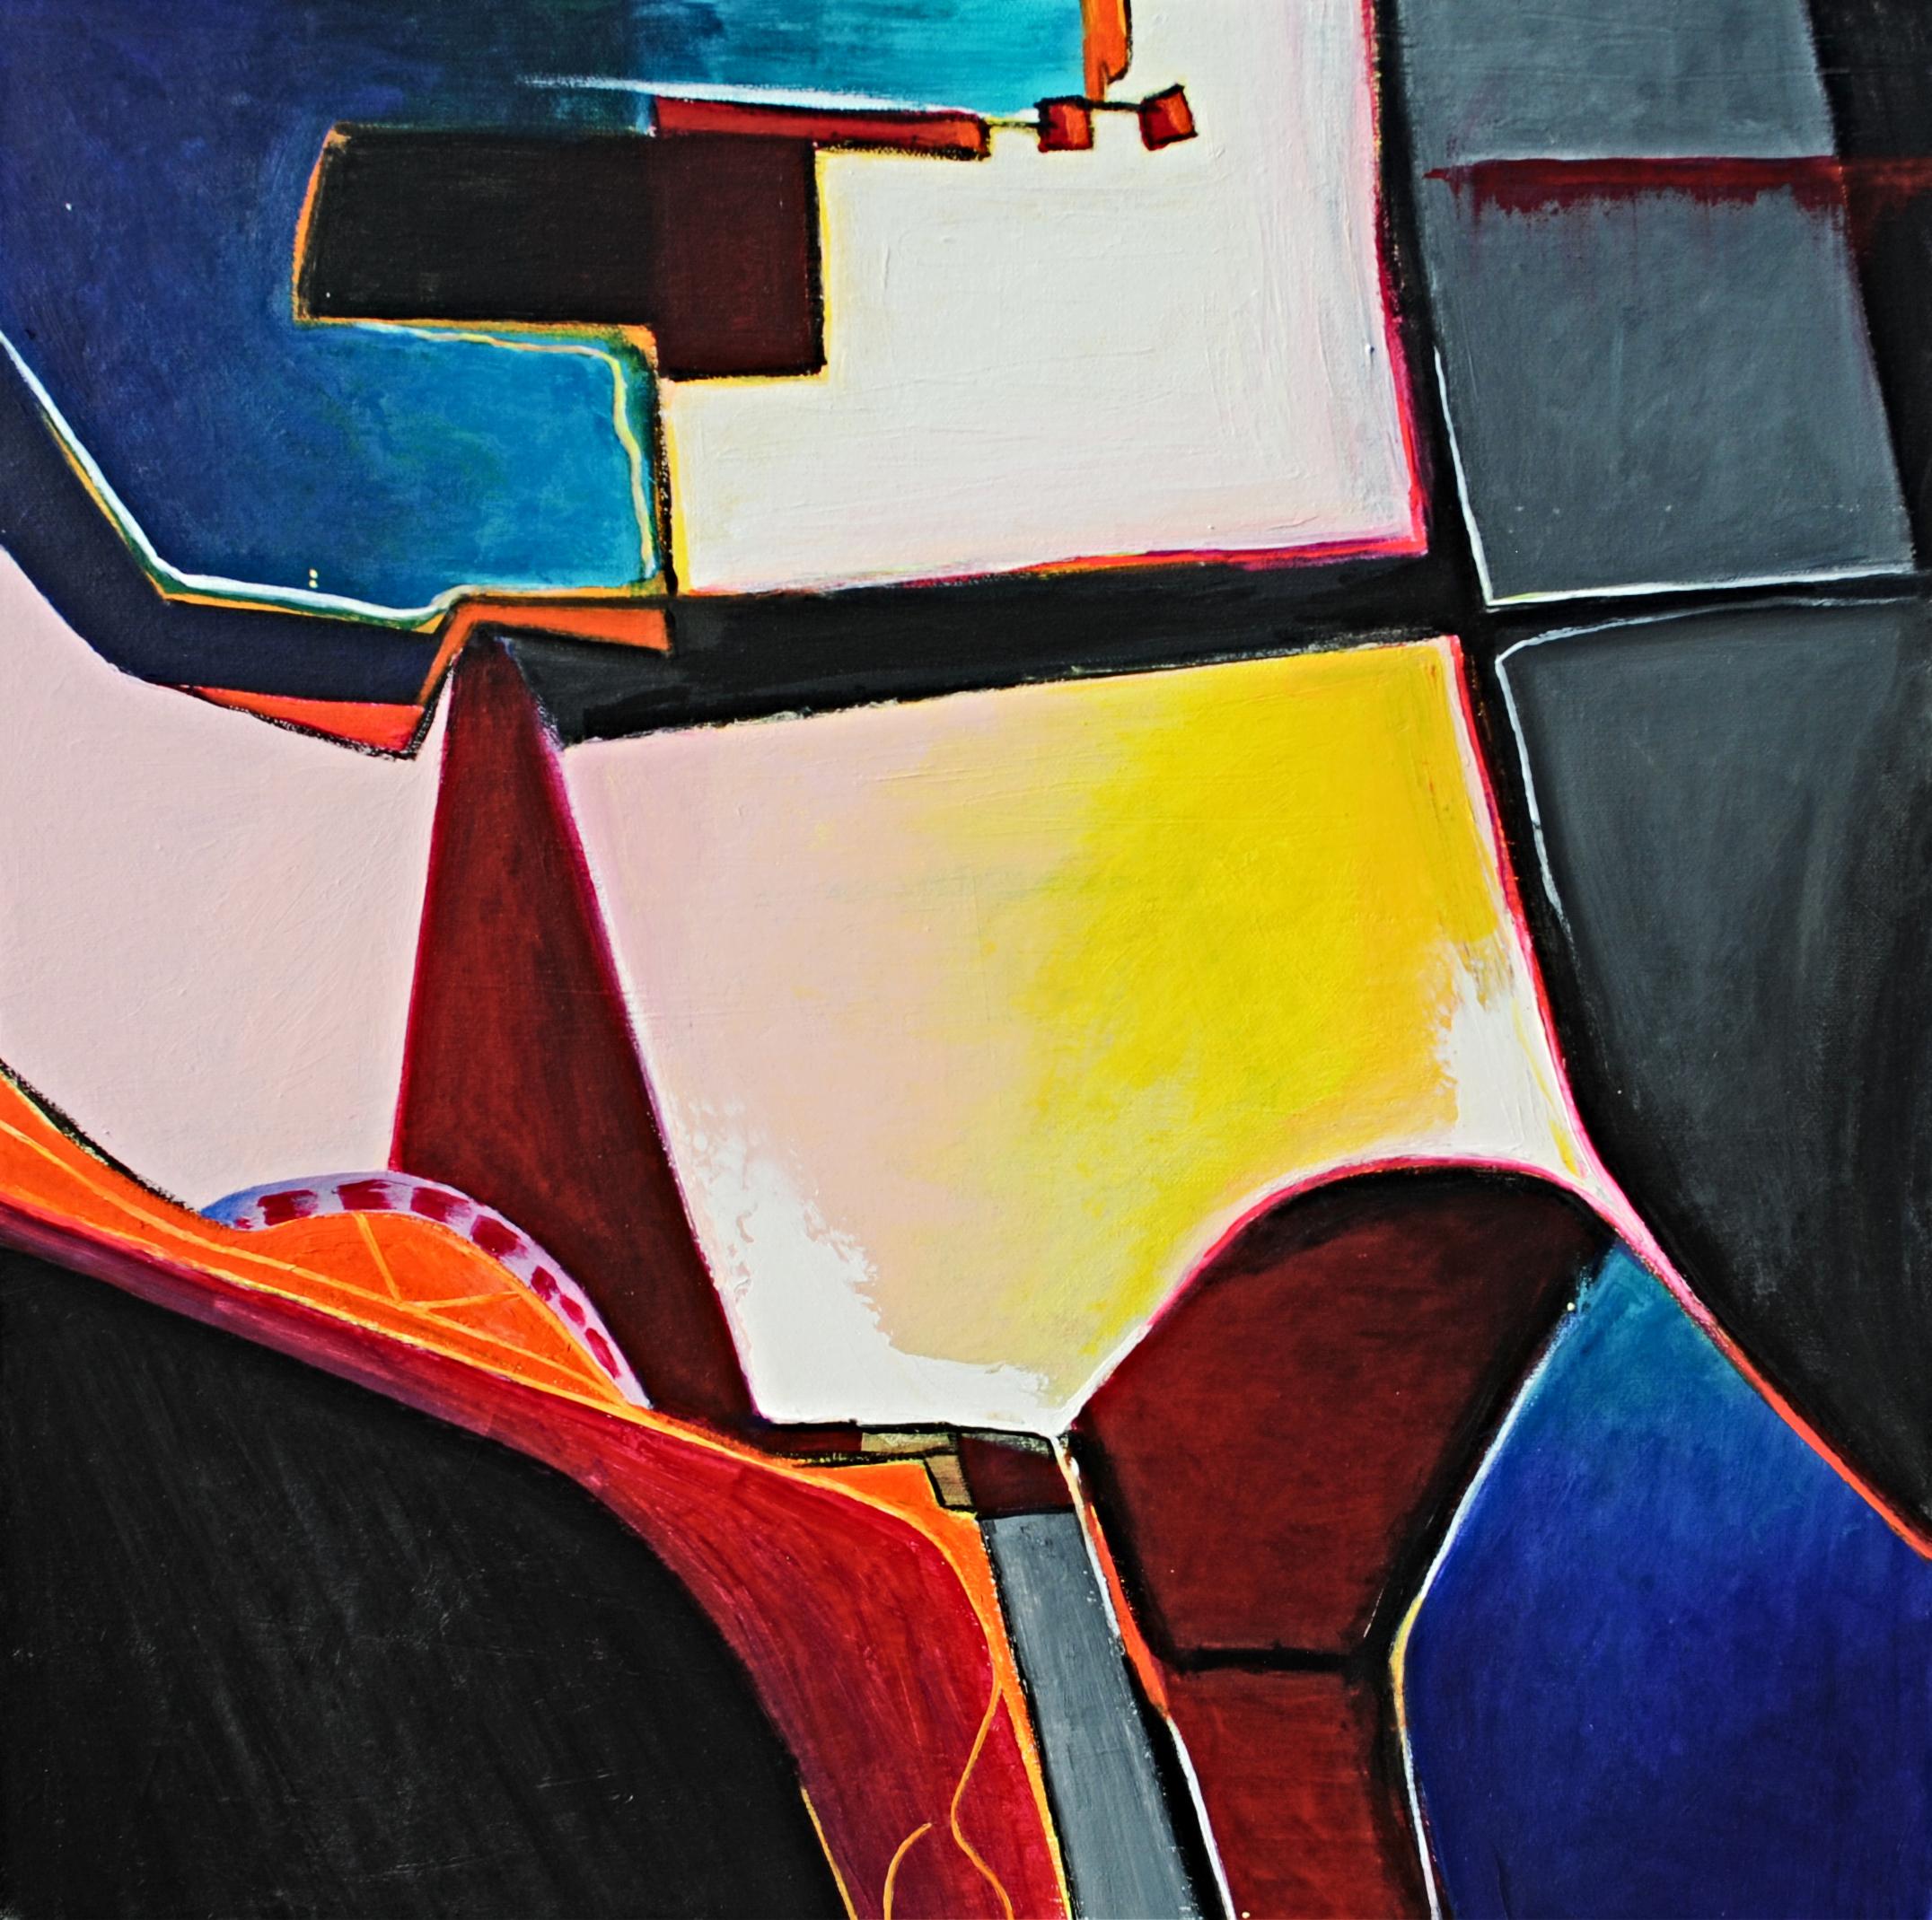 Framed - £525.00